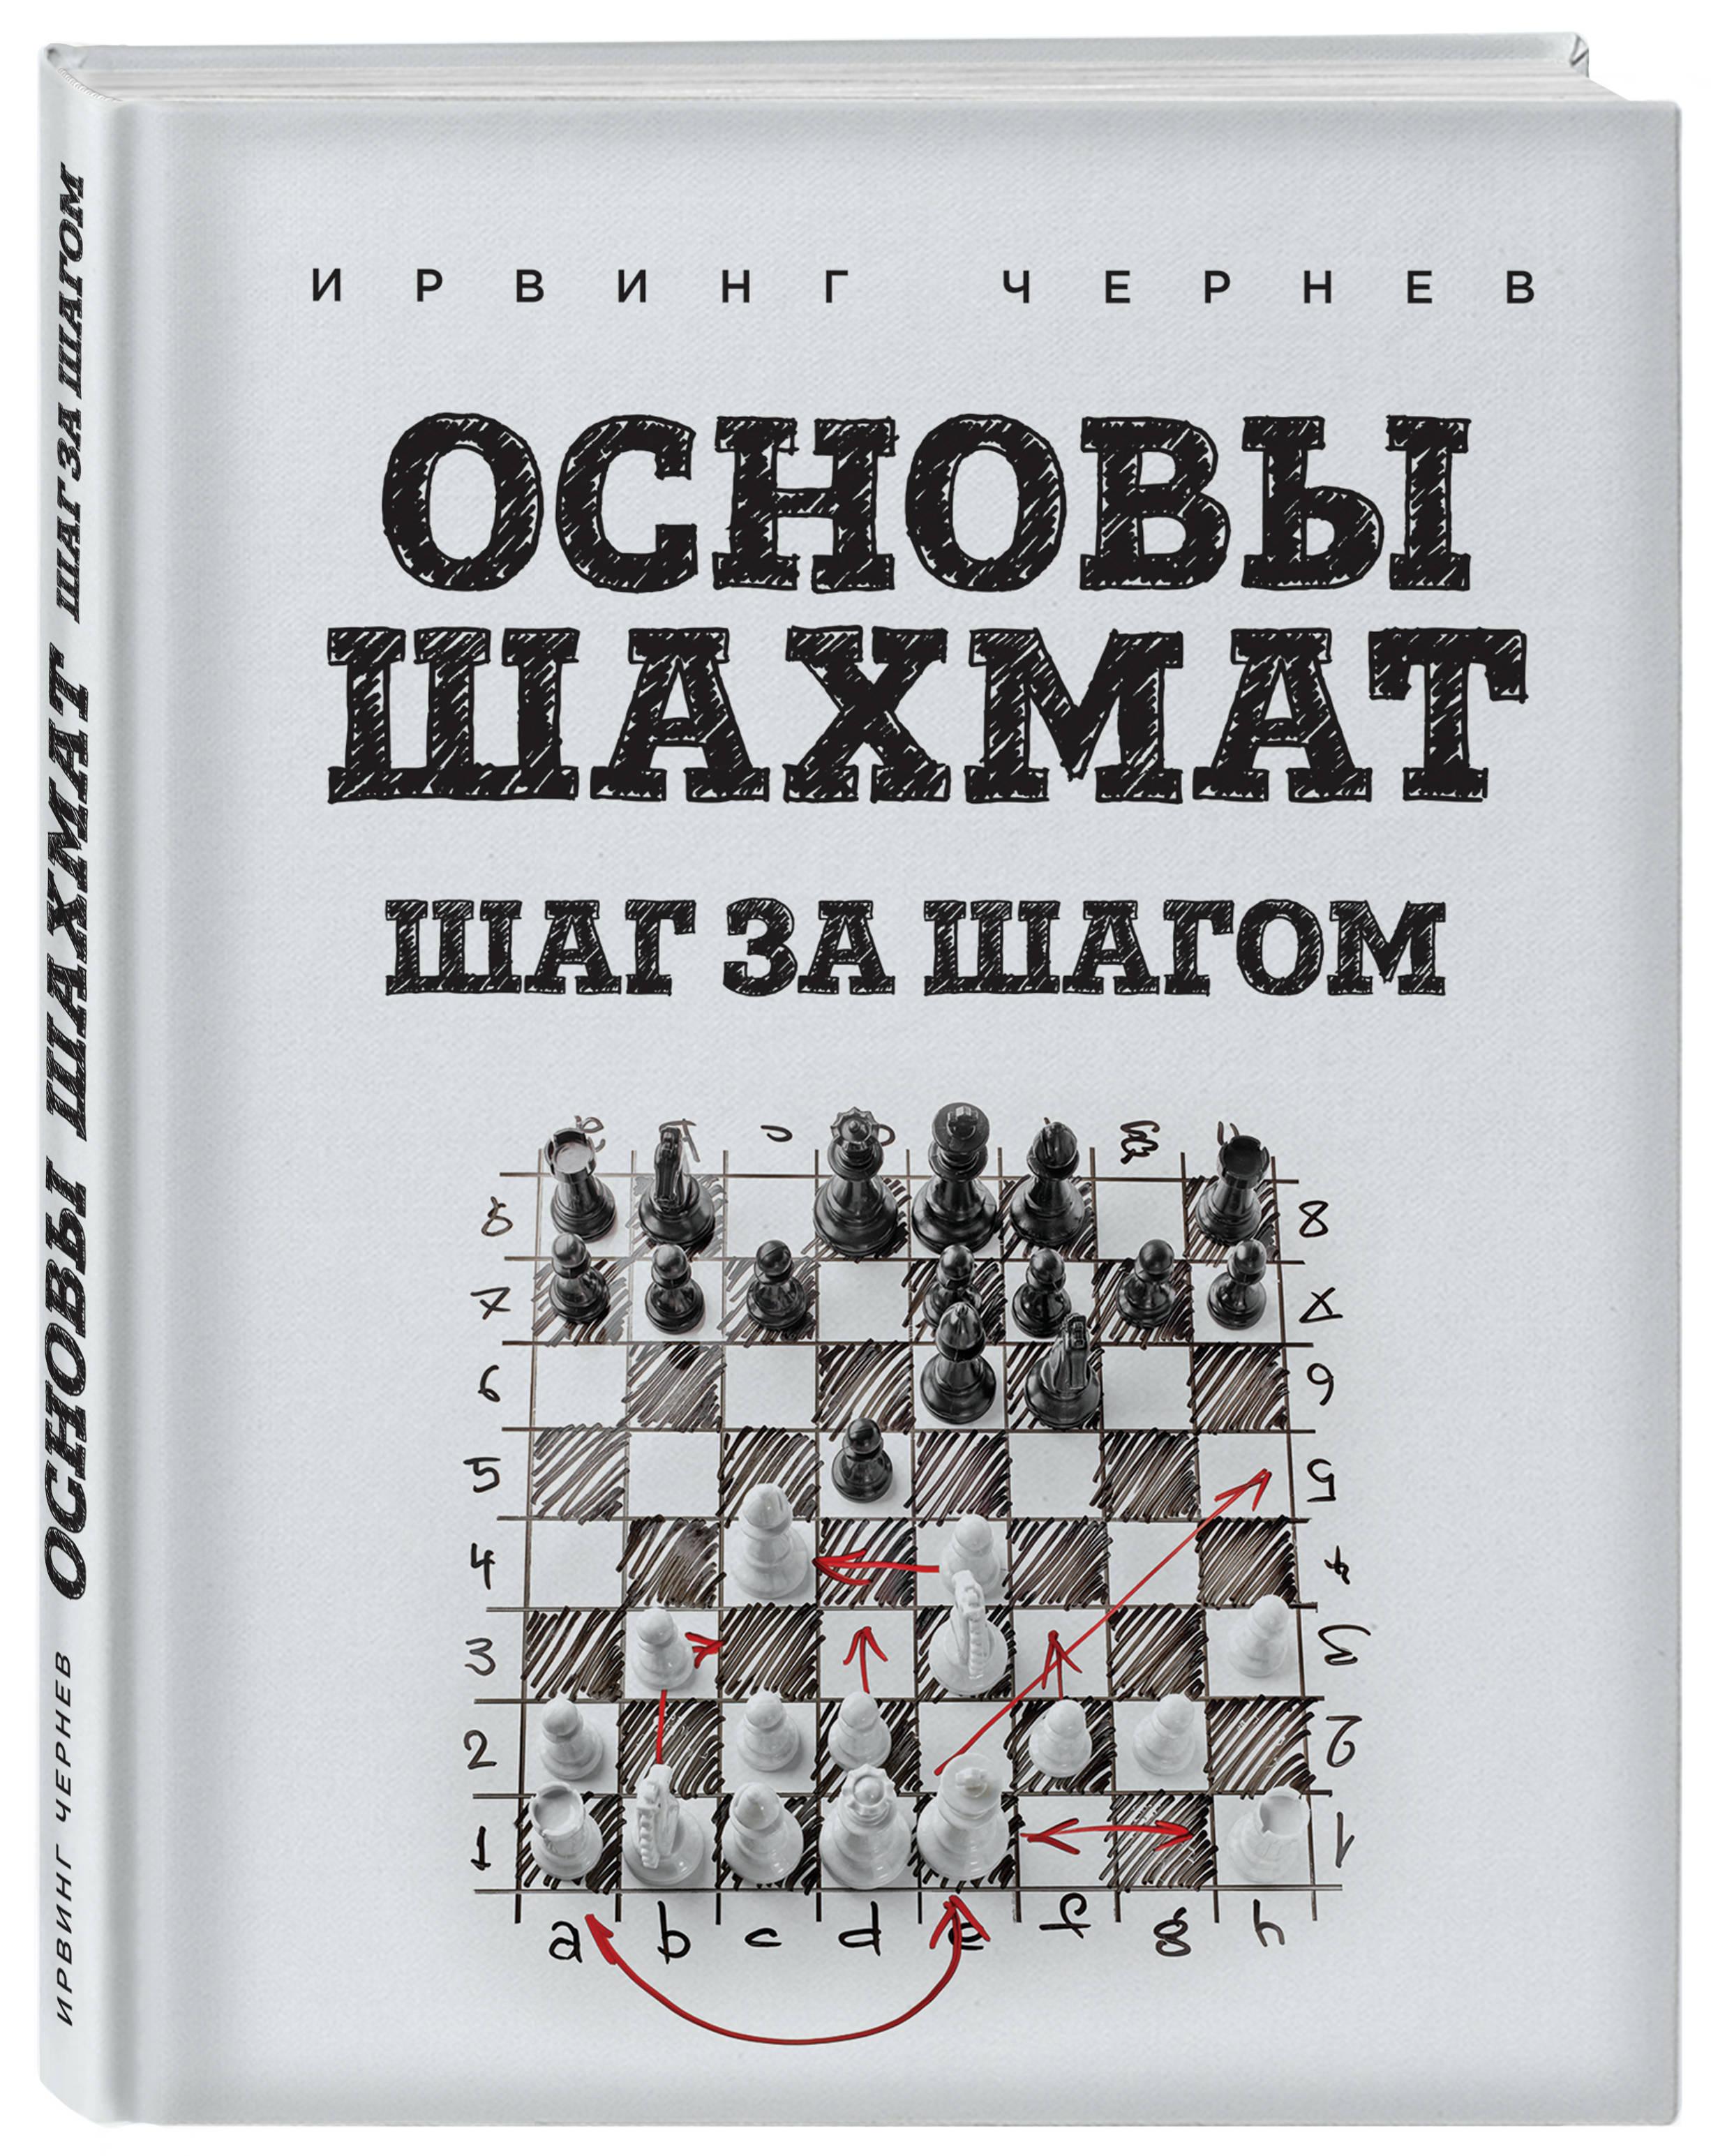 Основы шахмат. Шаг за шагом от book24.ru